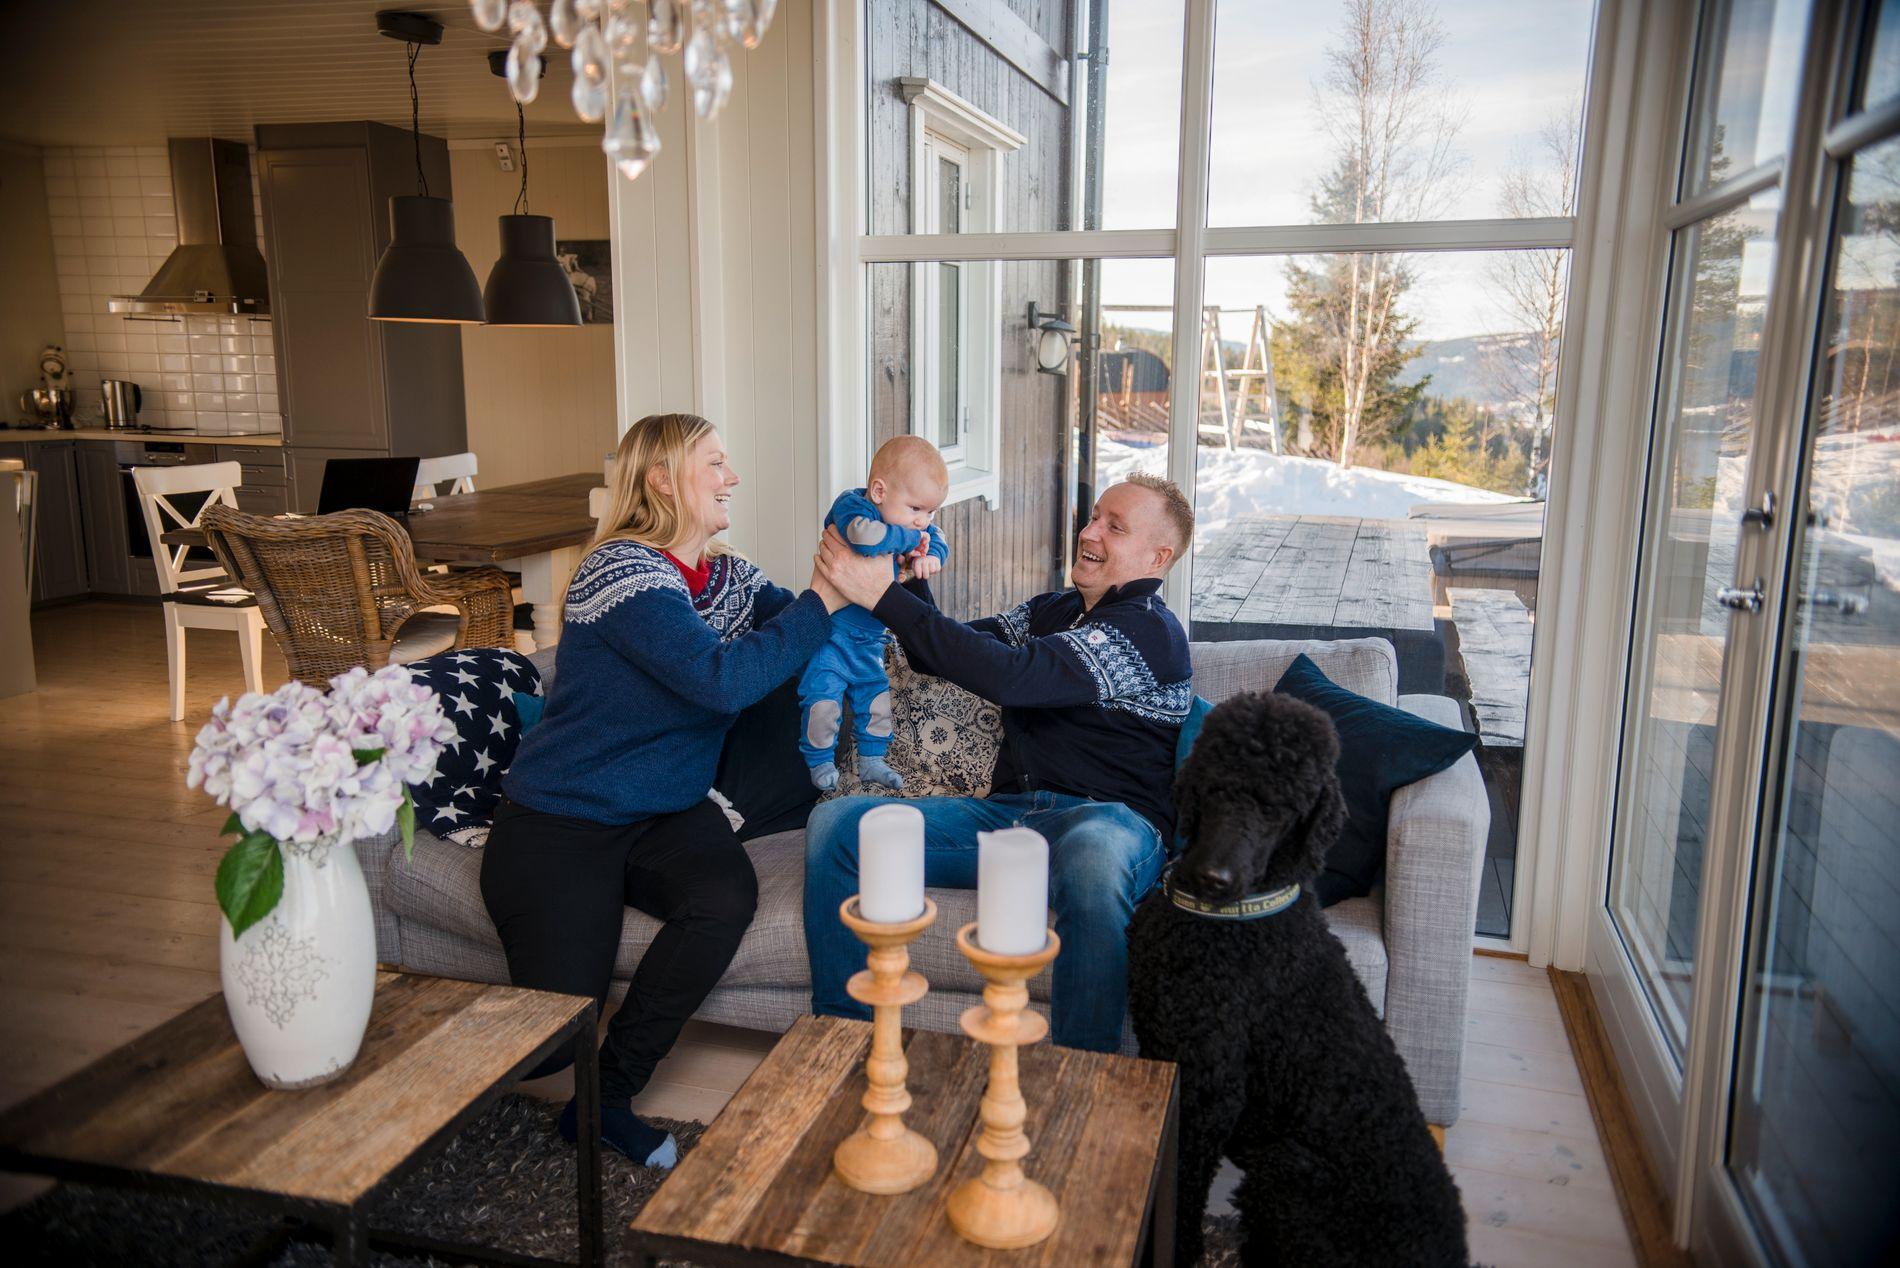 DELER: Småbarnsforeldrene Heidi og Tormod kjøpte hytta sammen med hans bror. De helgene ingen av dem bruker den, leies den ut. Dermed holdes kostnadene svært lave.